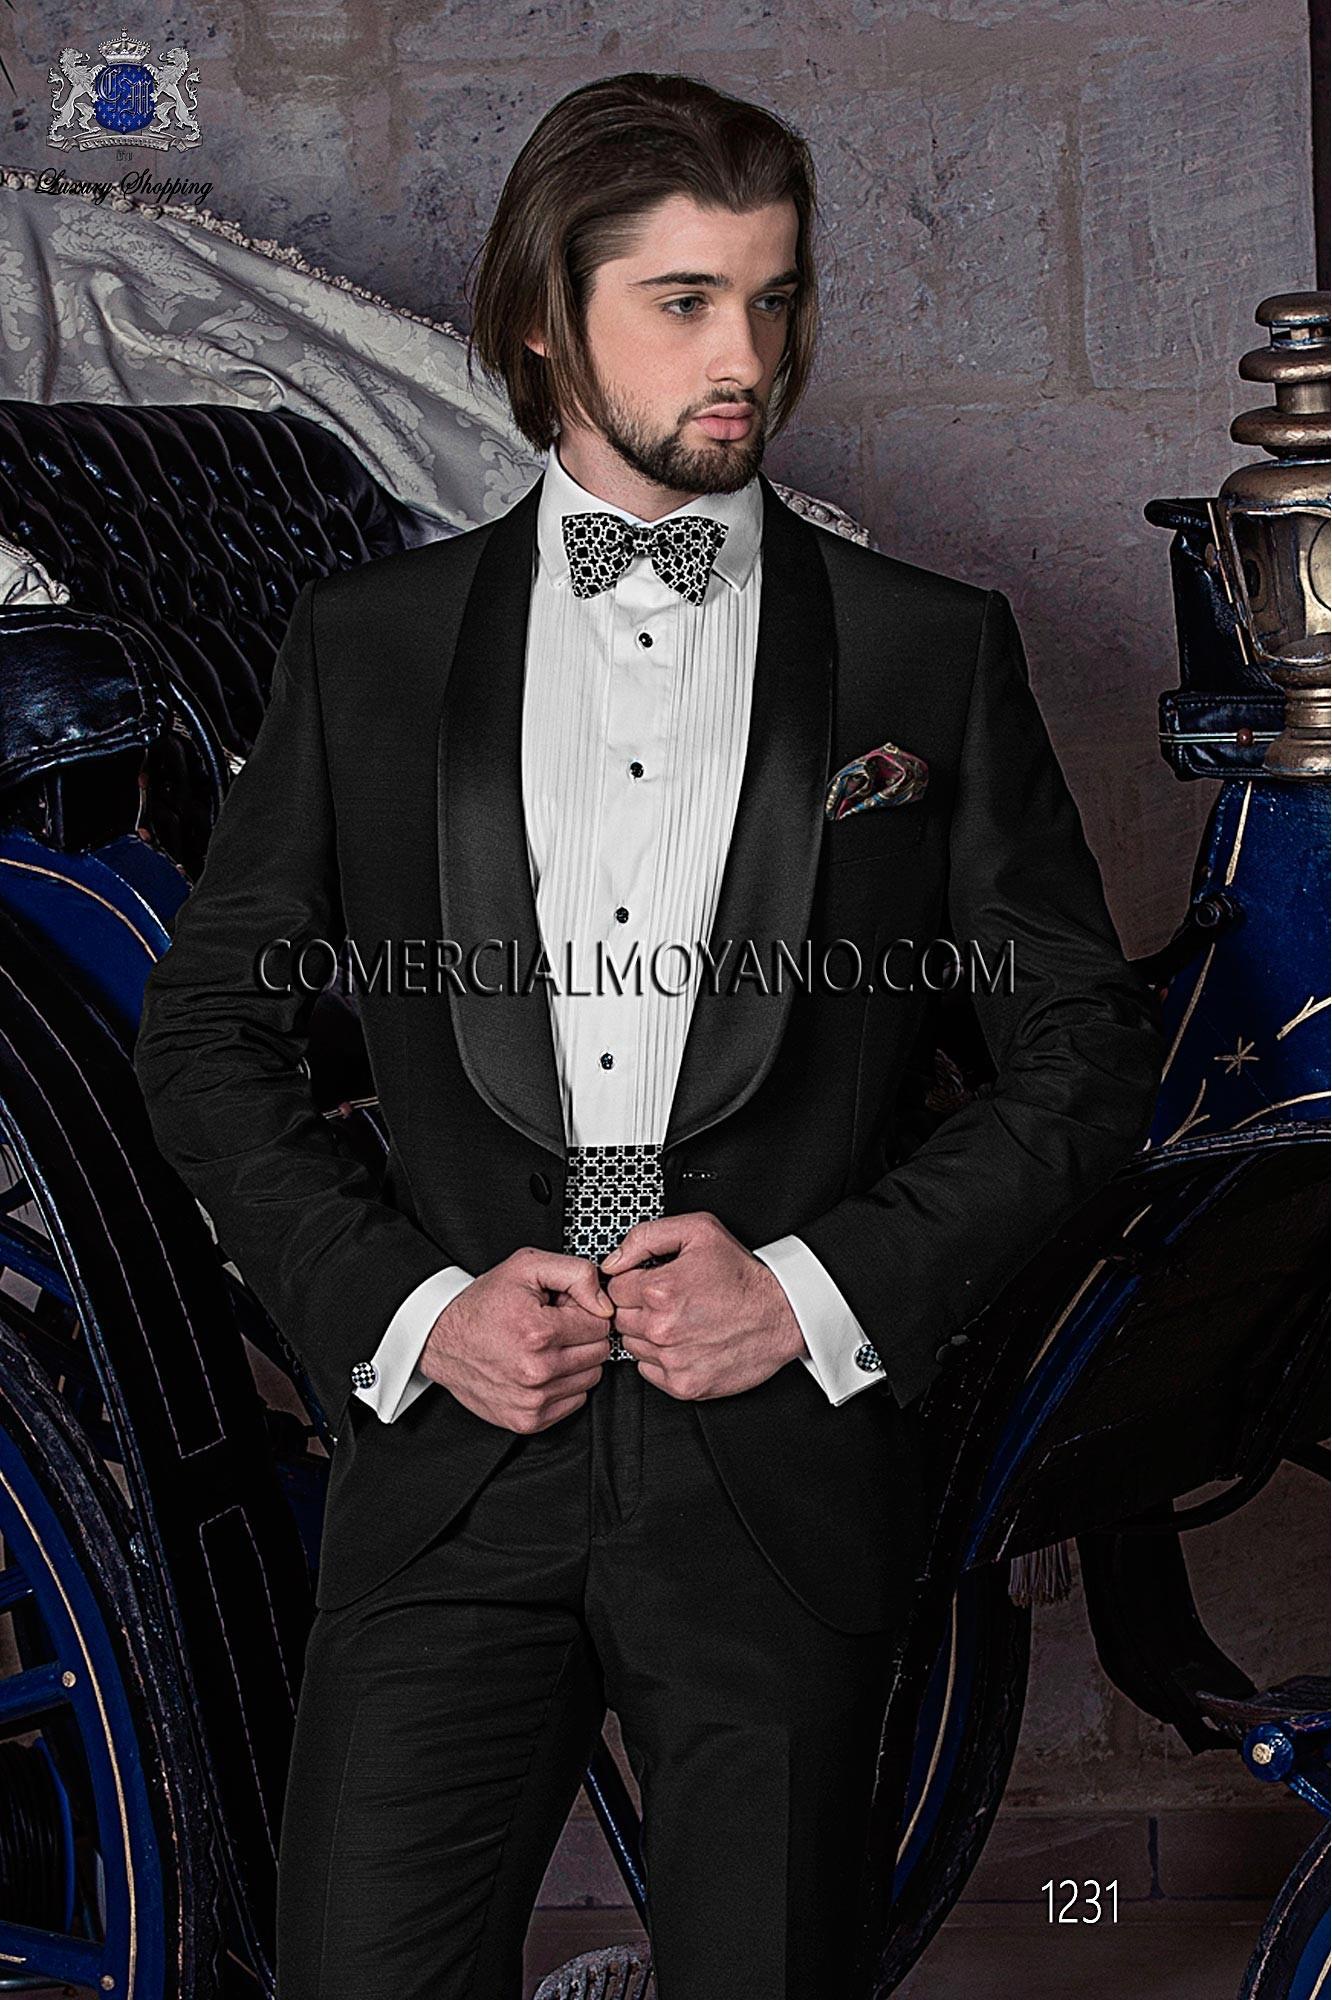 Traje BlackTie de novio negro modelo: 1231 Ottavio Nuccio Gala colección Black Tie